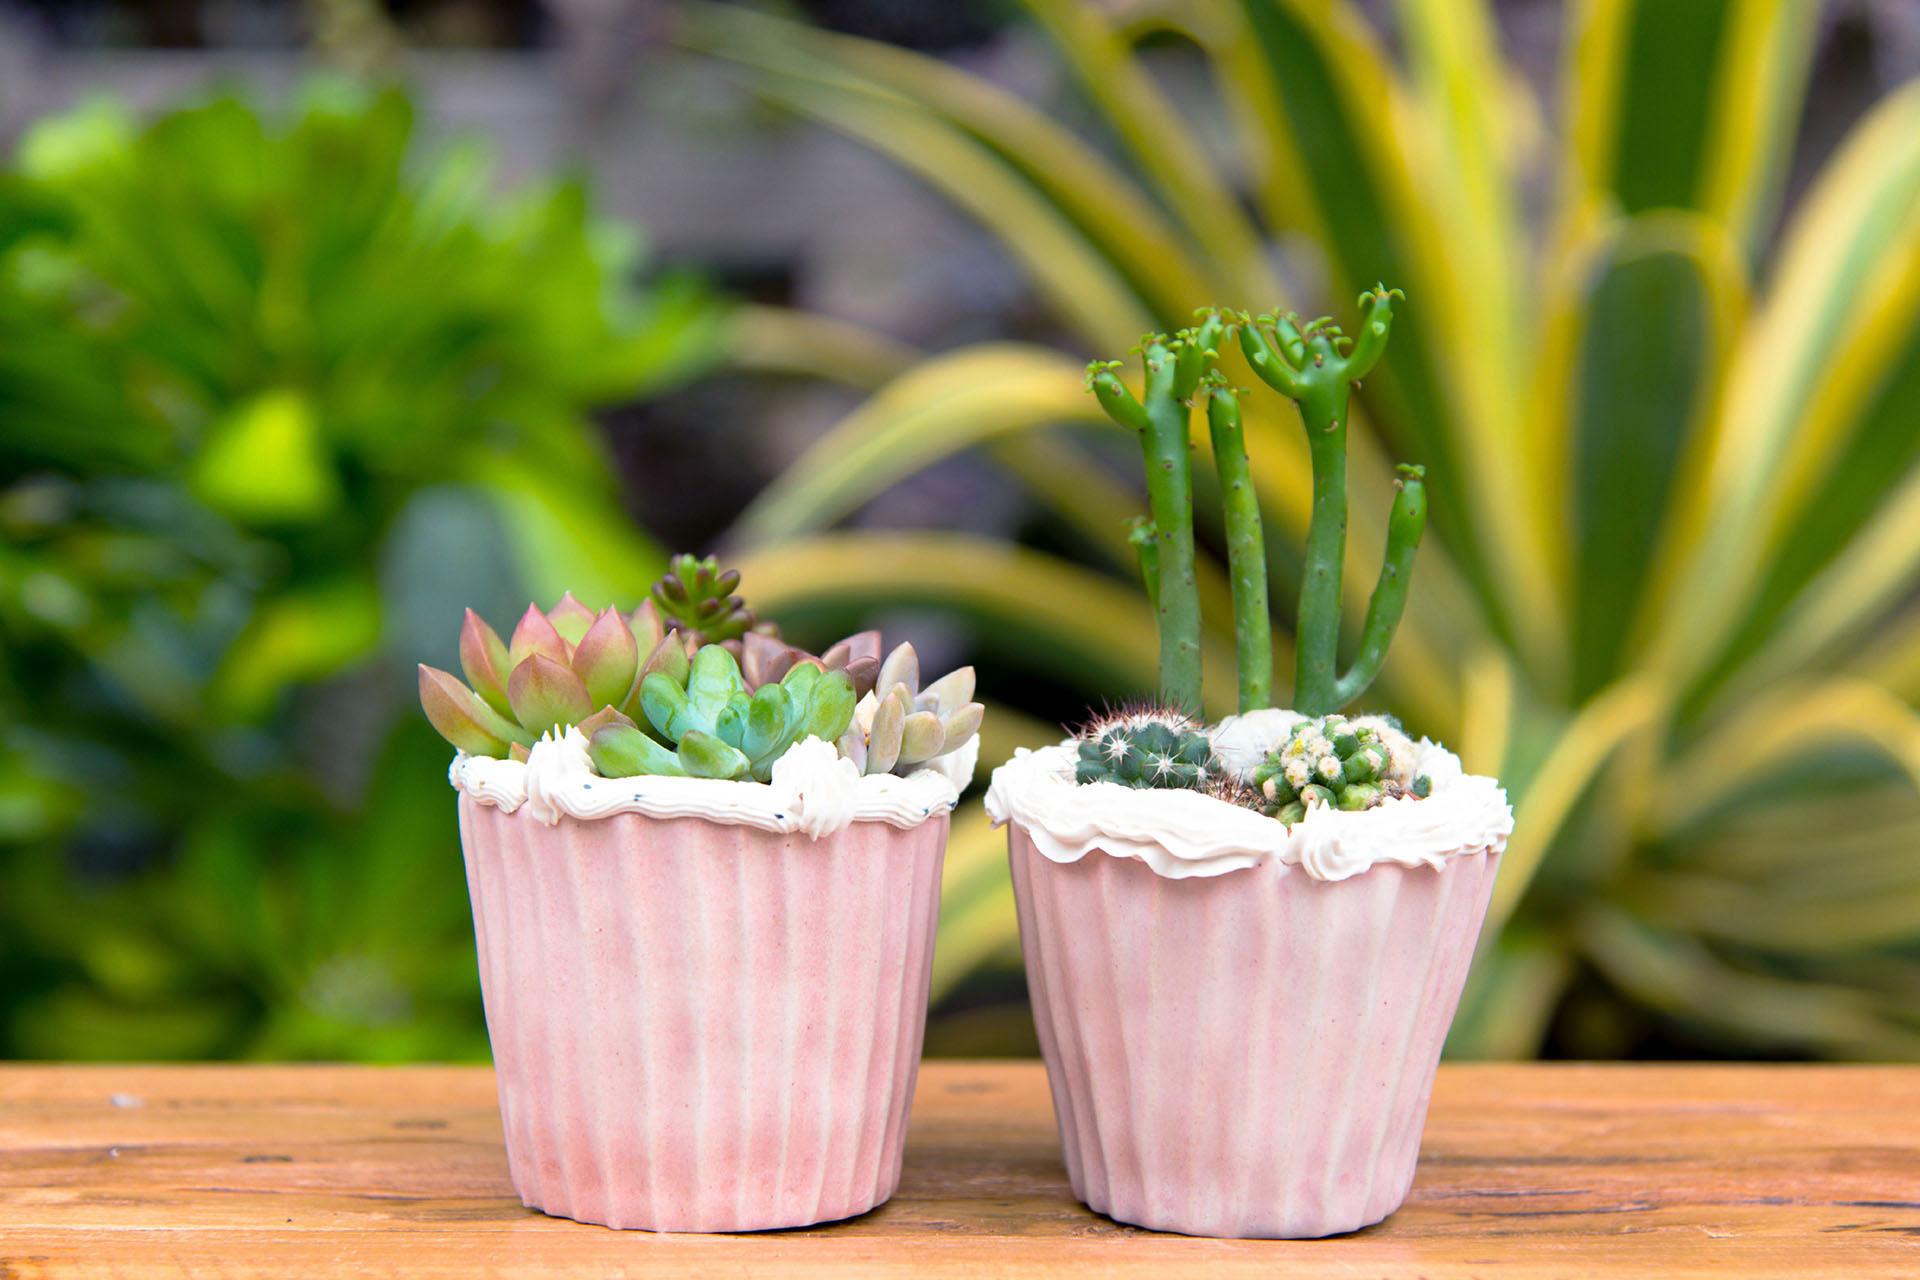 生日禮物 - 仙仙蛋糕盆栽 6